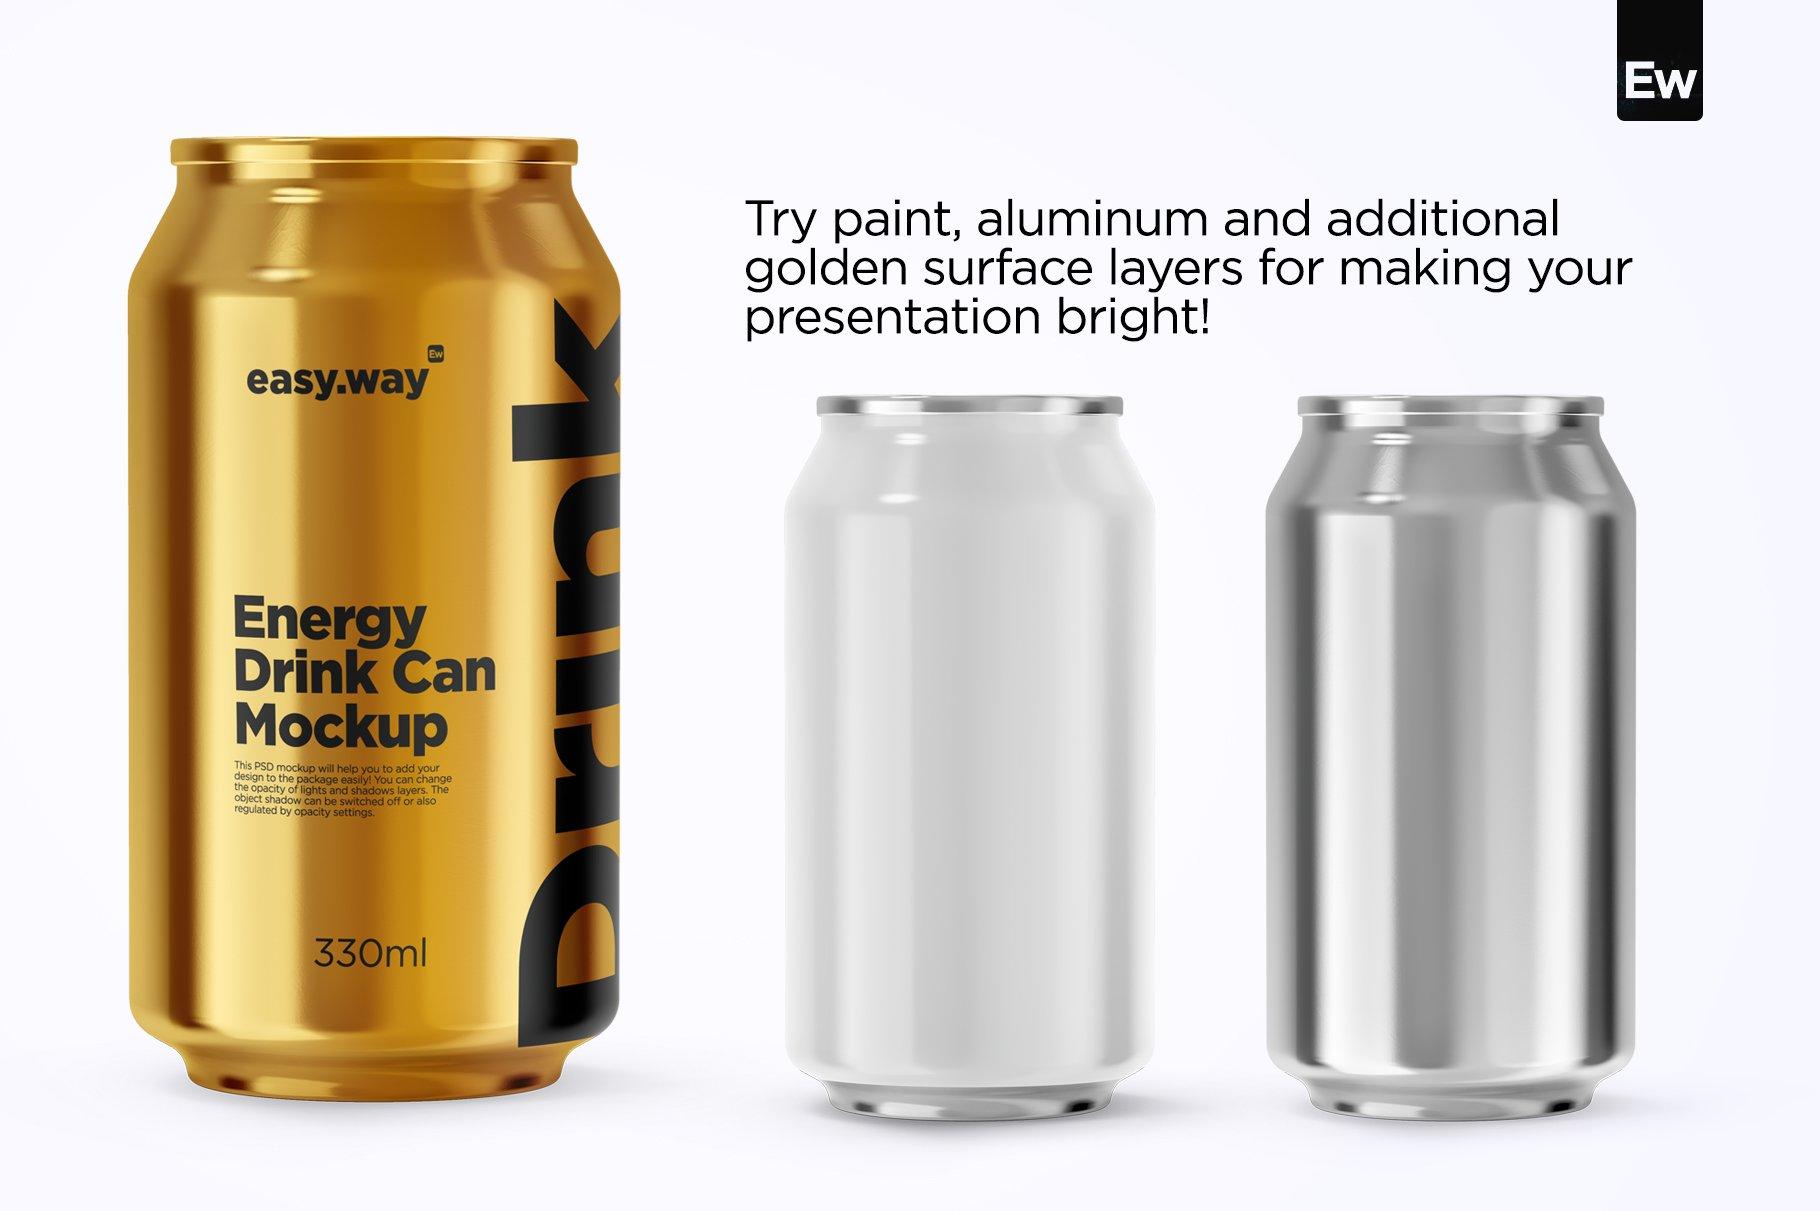 330毫升啤酒饮料苏打水锡罐易拉罐设计展示贴图PSD样机 330ml Aluminum Can PSD Mockup插图4